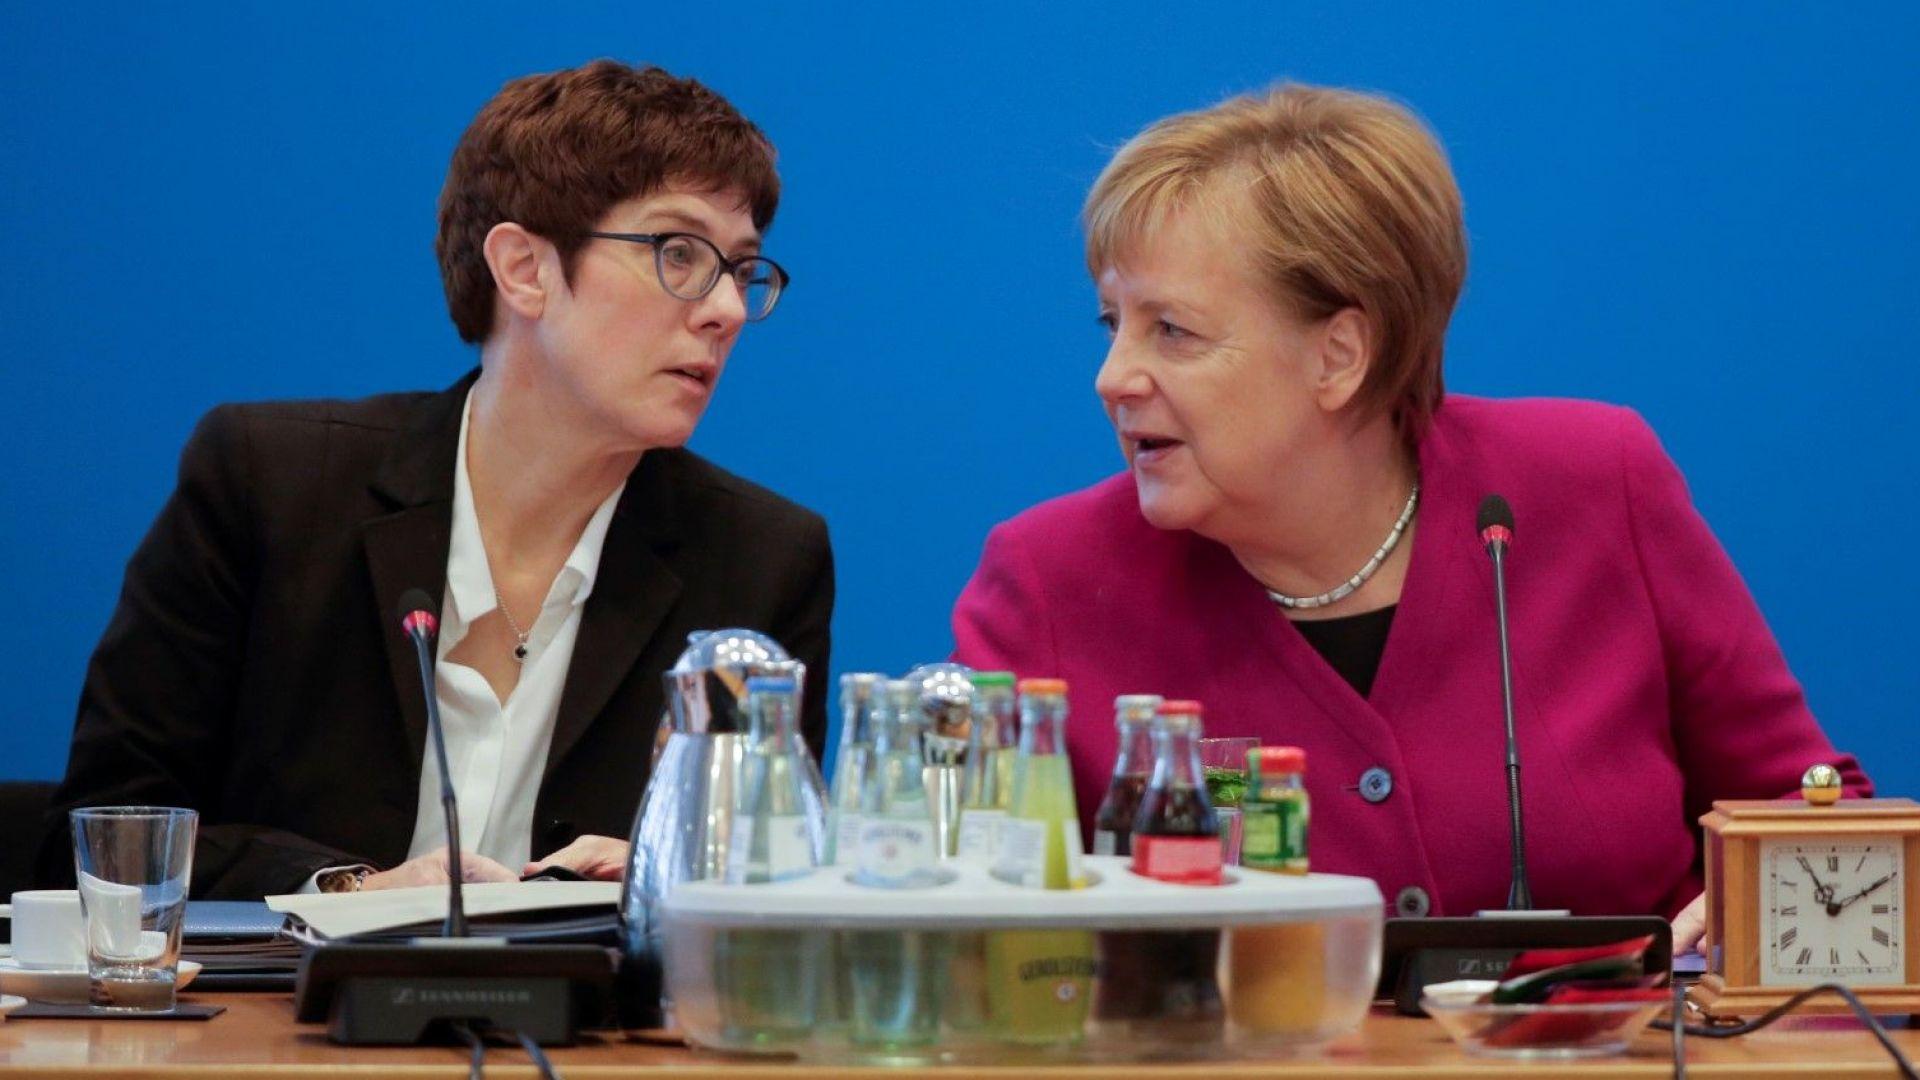 Скандал с наследничката на Меркел в ХДС заради шега с тоалетните за третия пол